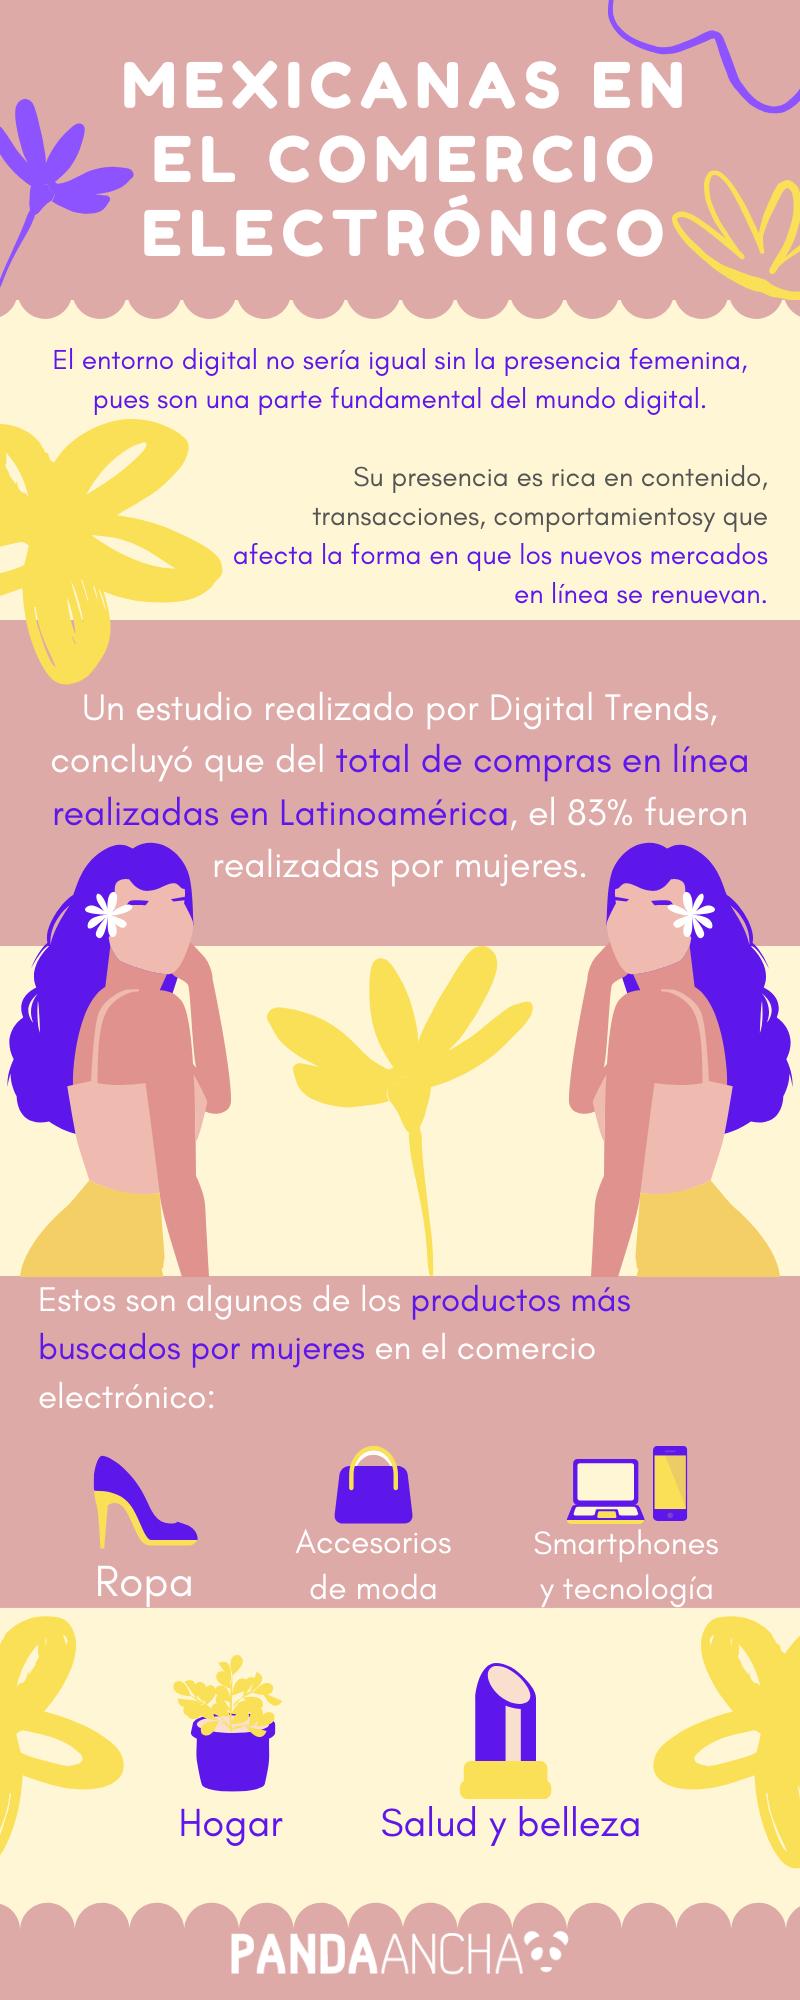 Mujeres en el comercio electrónico (INFOGRAFÍA)